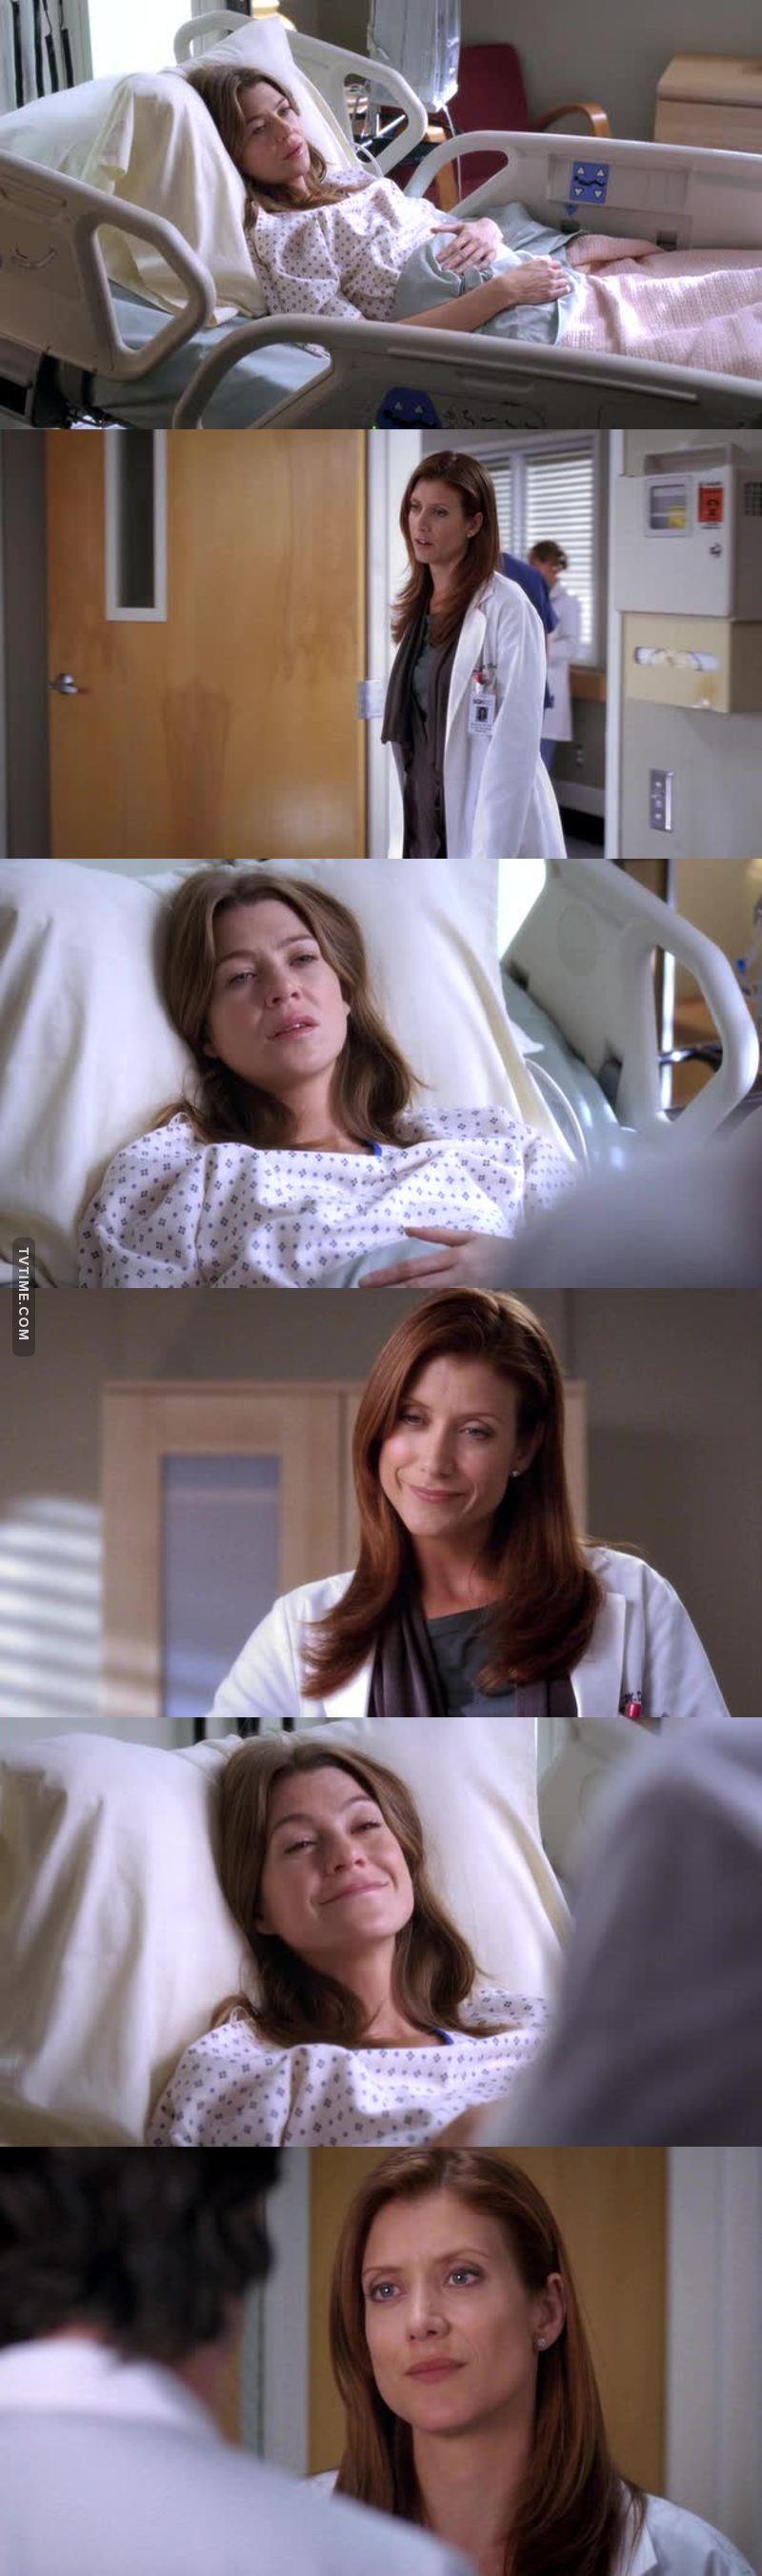 Eu gosto tanto dessas duas! a Addison falando q não odeia a Meredith e ainda pedindo pro Derek não machuca-la foi tão amorzinho. Queria que nasce uma amizade entre elas 💜😕